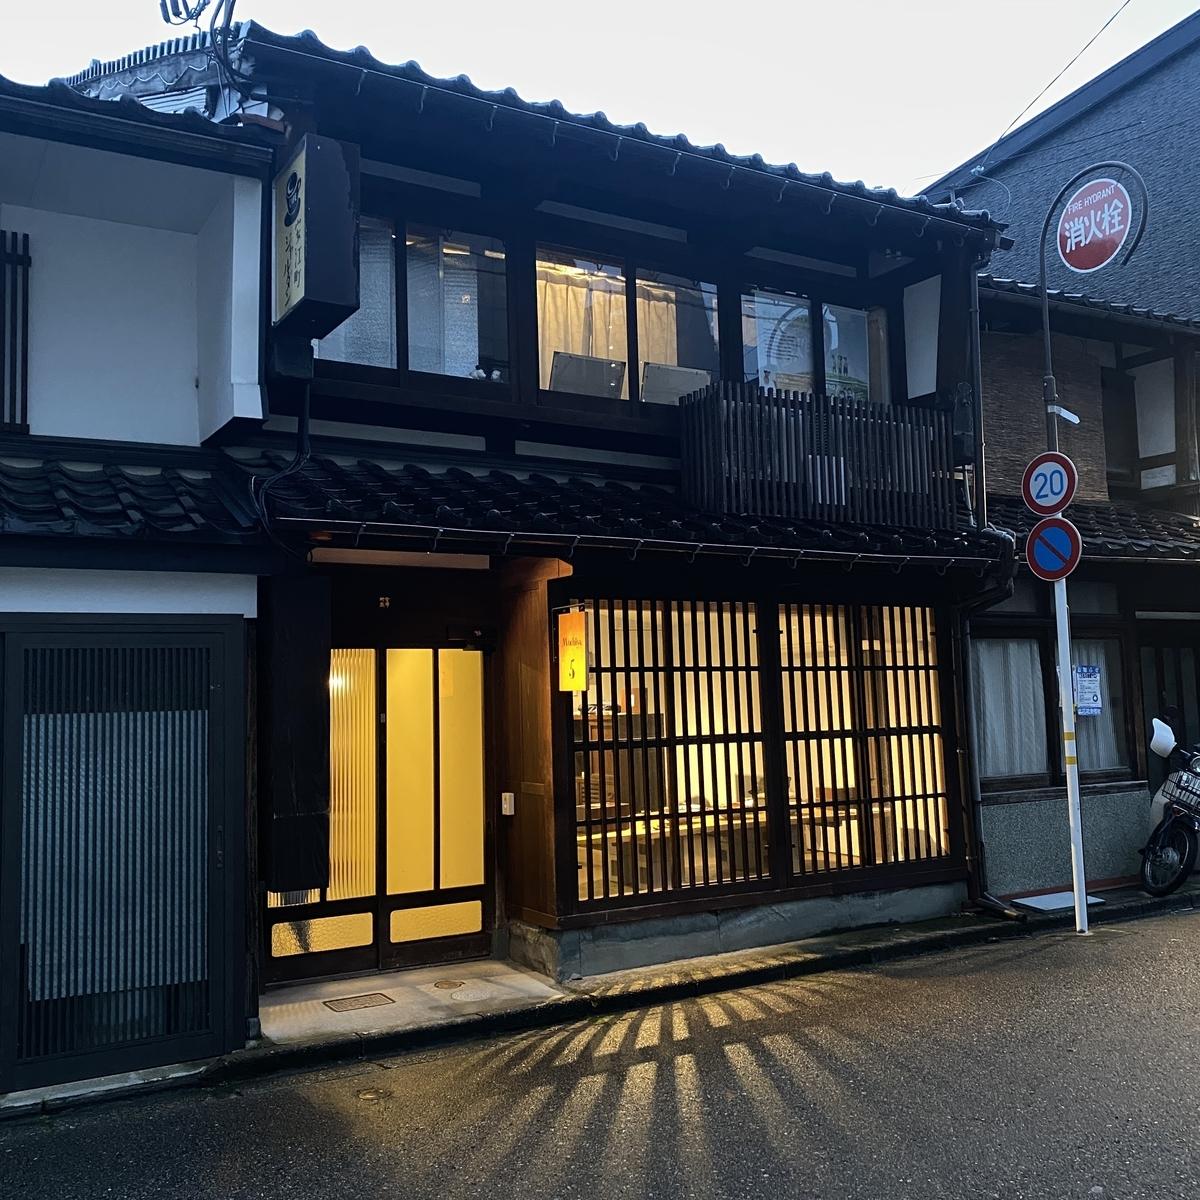 f:id:kanazawabiiki:20191219111909j:plain